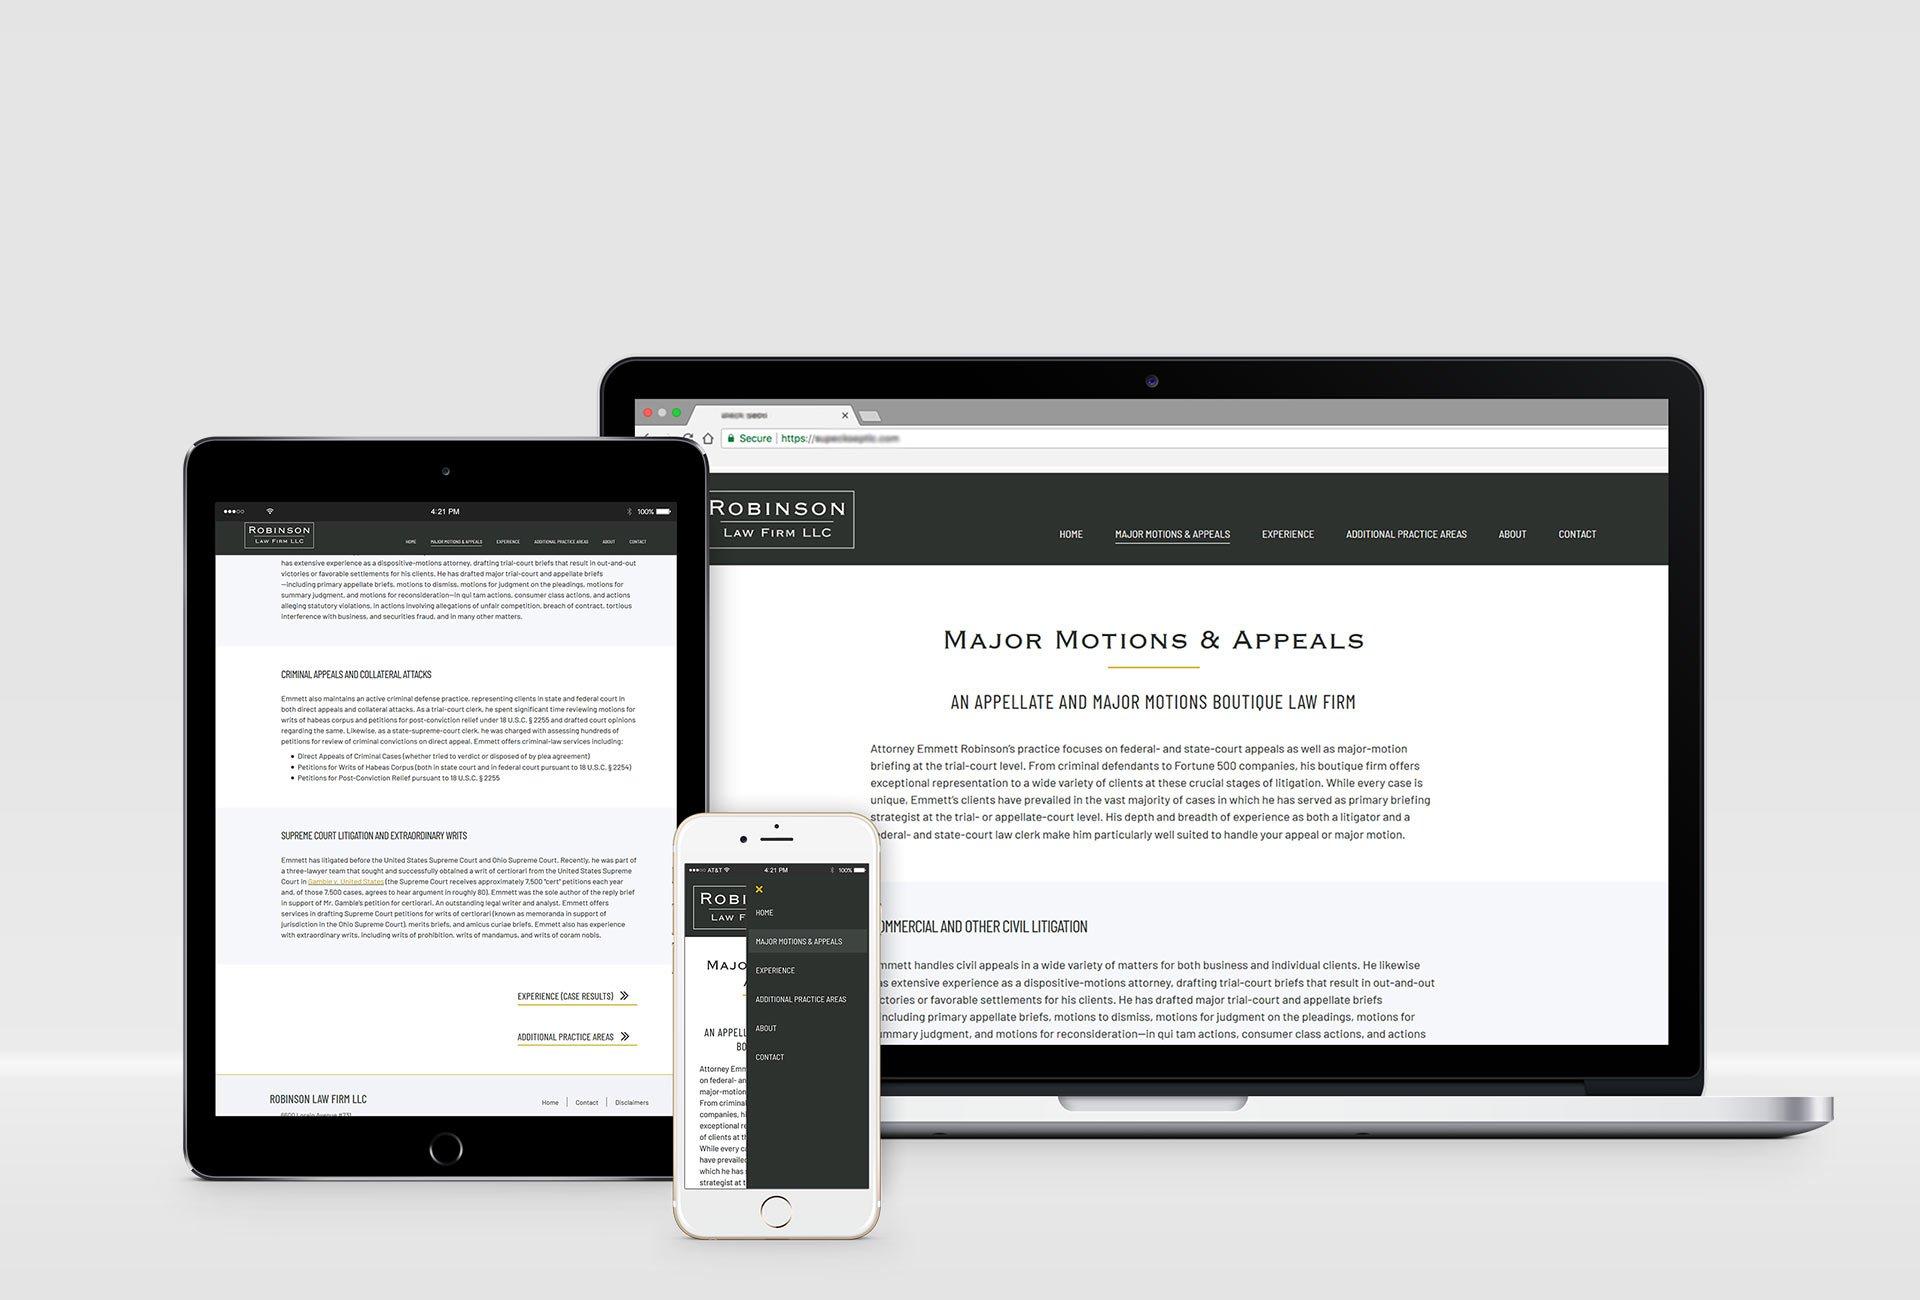 law firm website design mockup